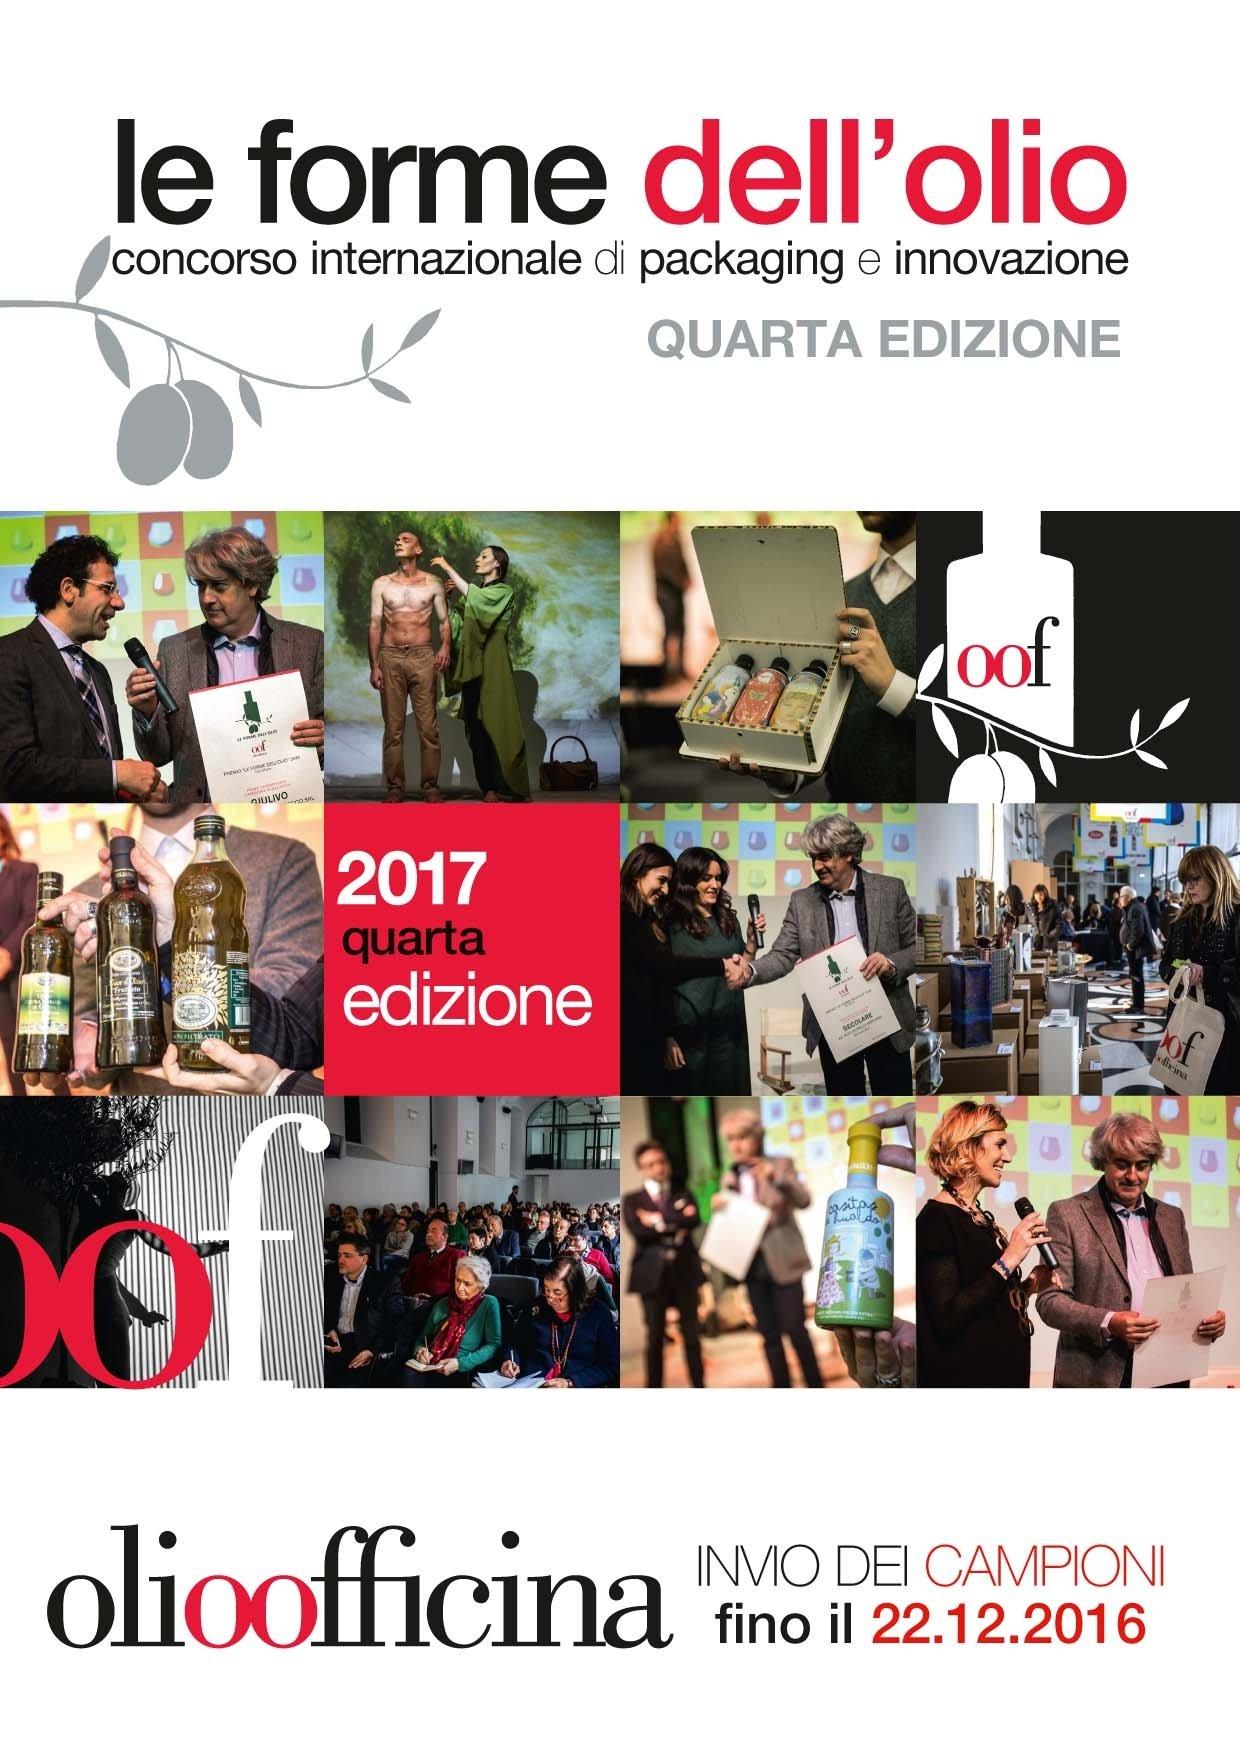 Ultimi giorni per partecipare al concorso Le Forme dell'Olio 2017